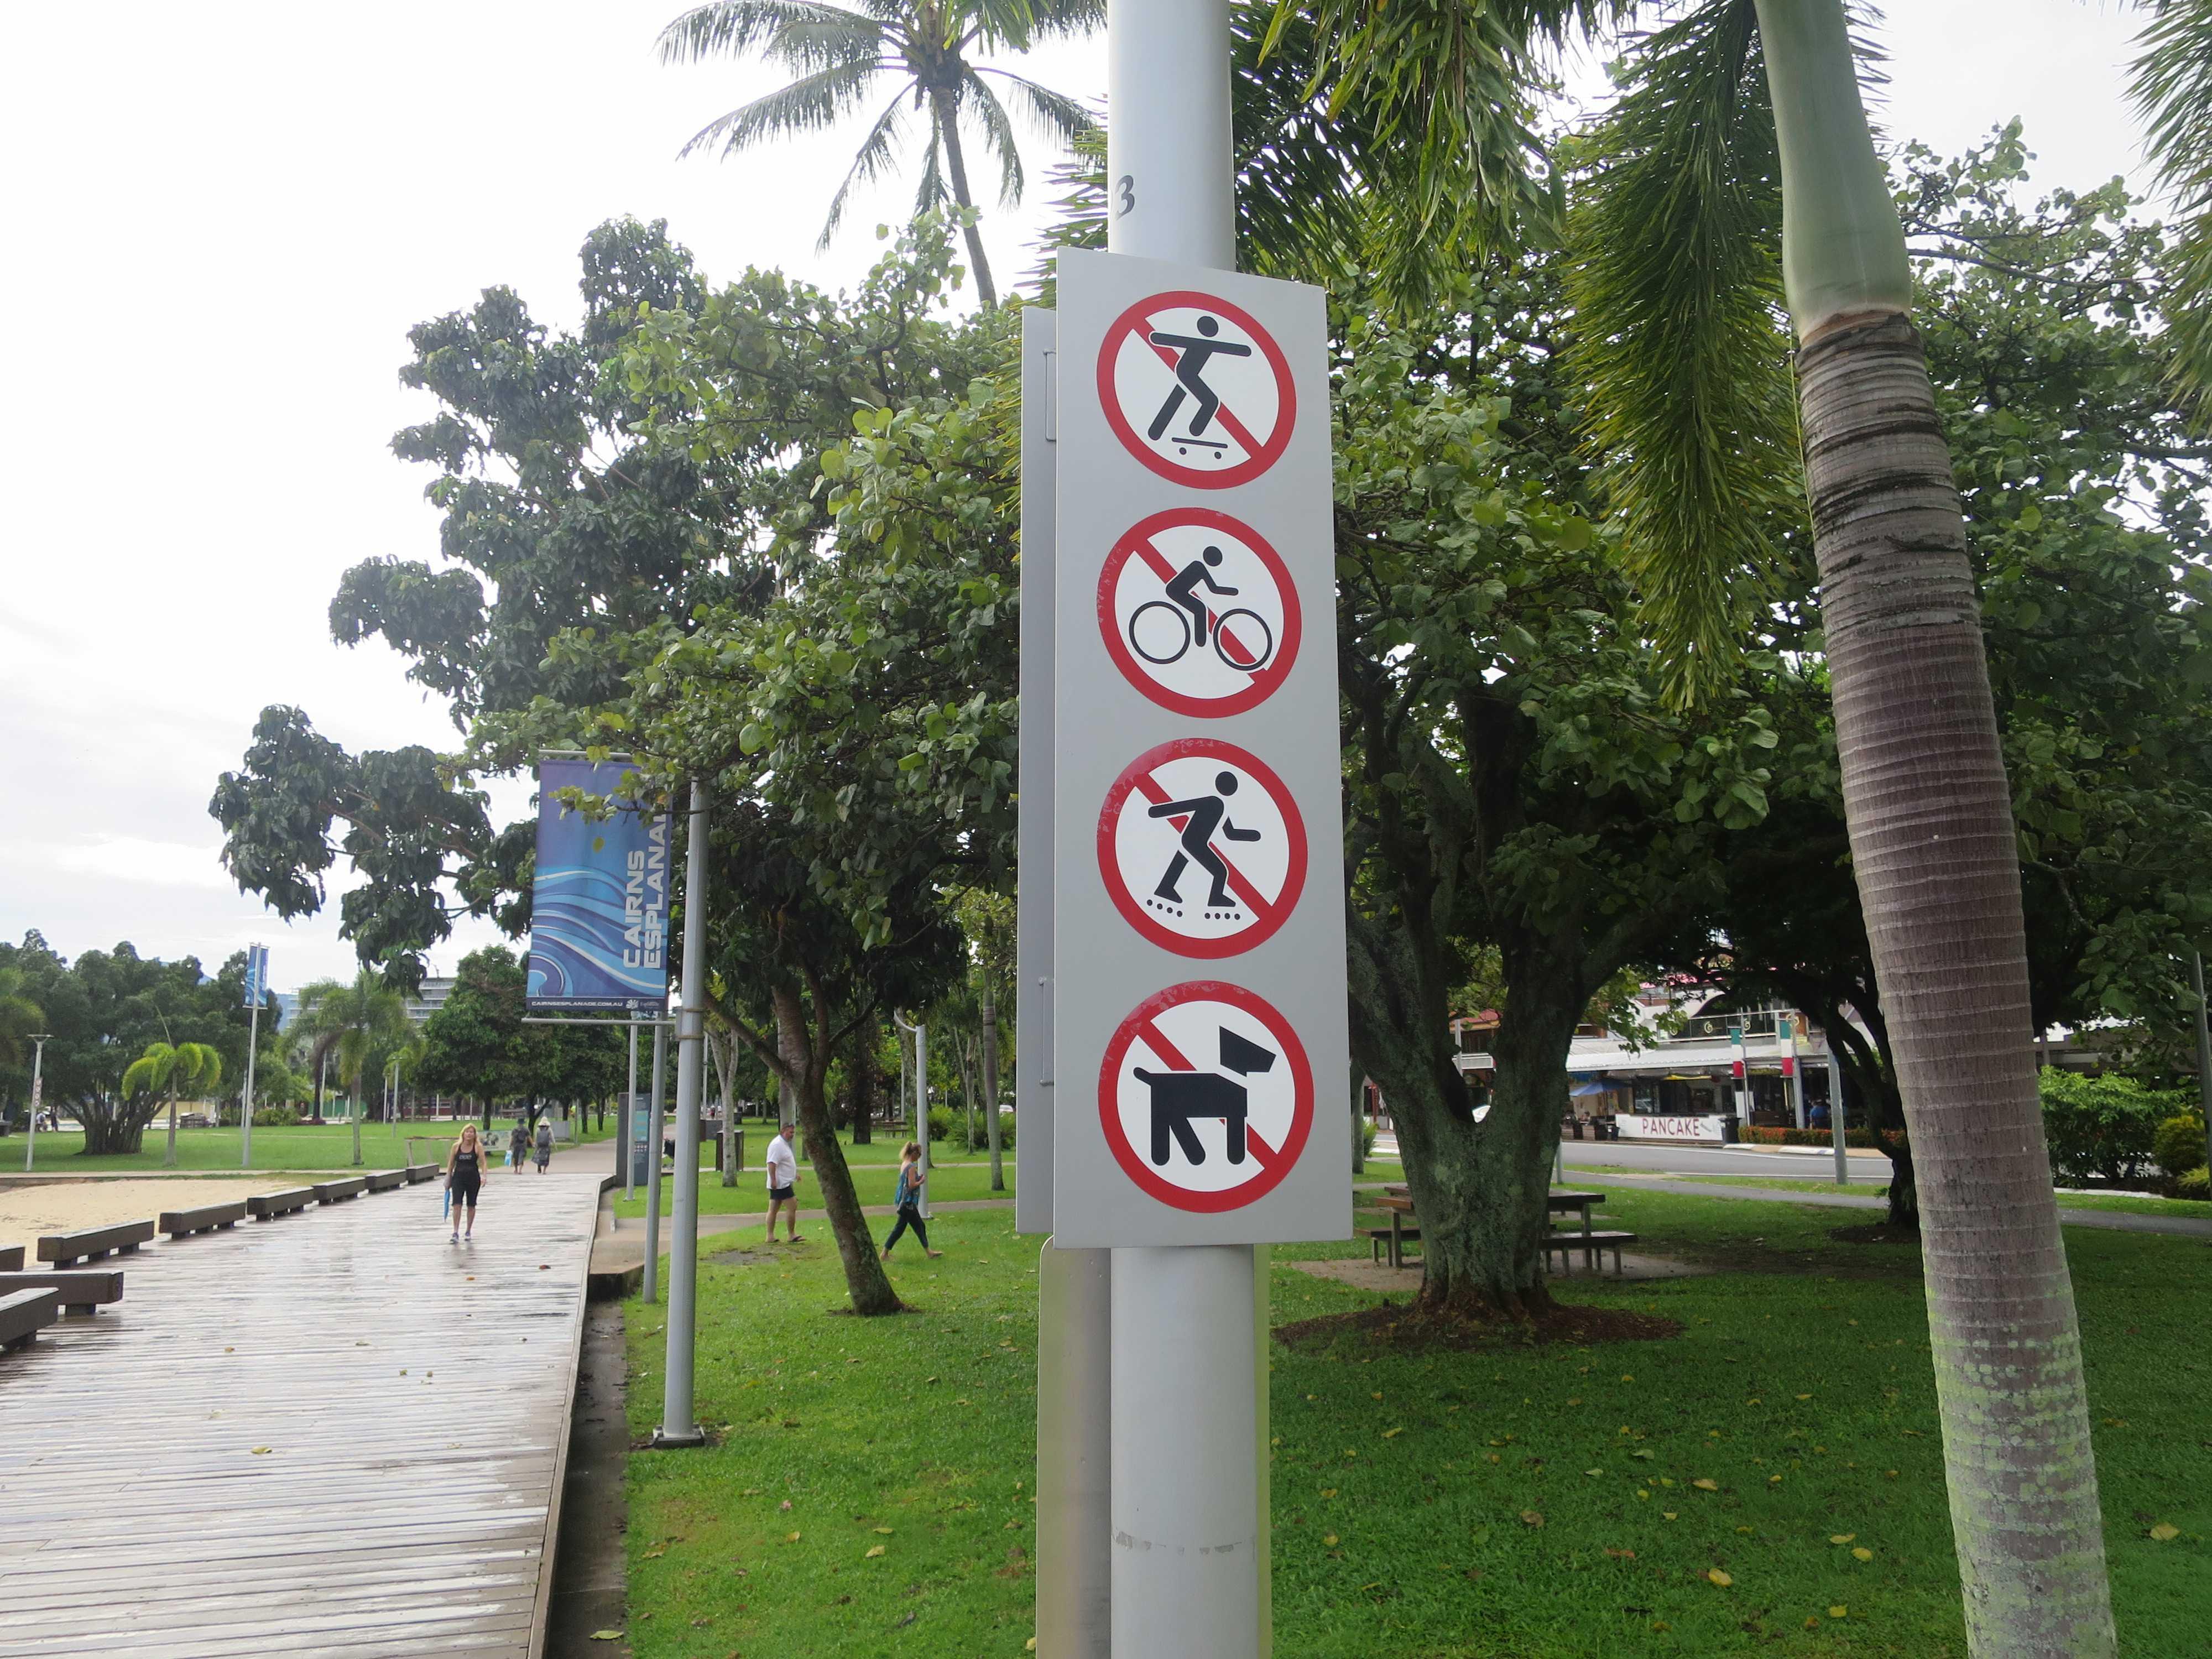 スケボー禁止!自転車禁止!ローラースケート禁止!犬禁止!